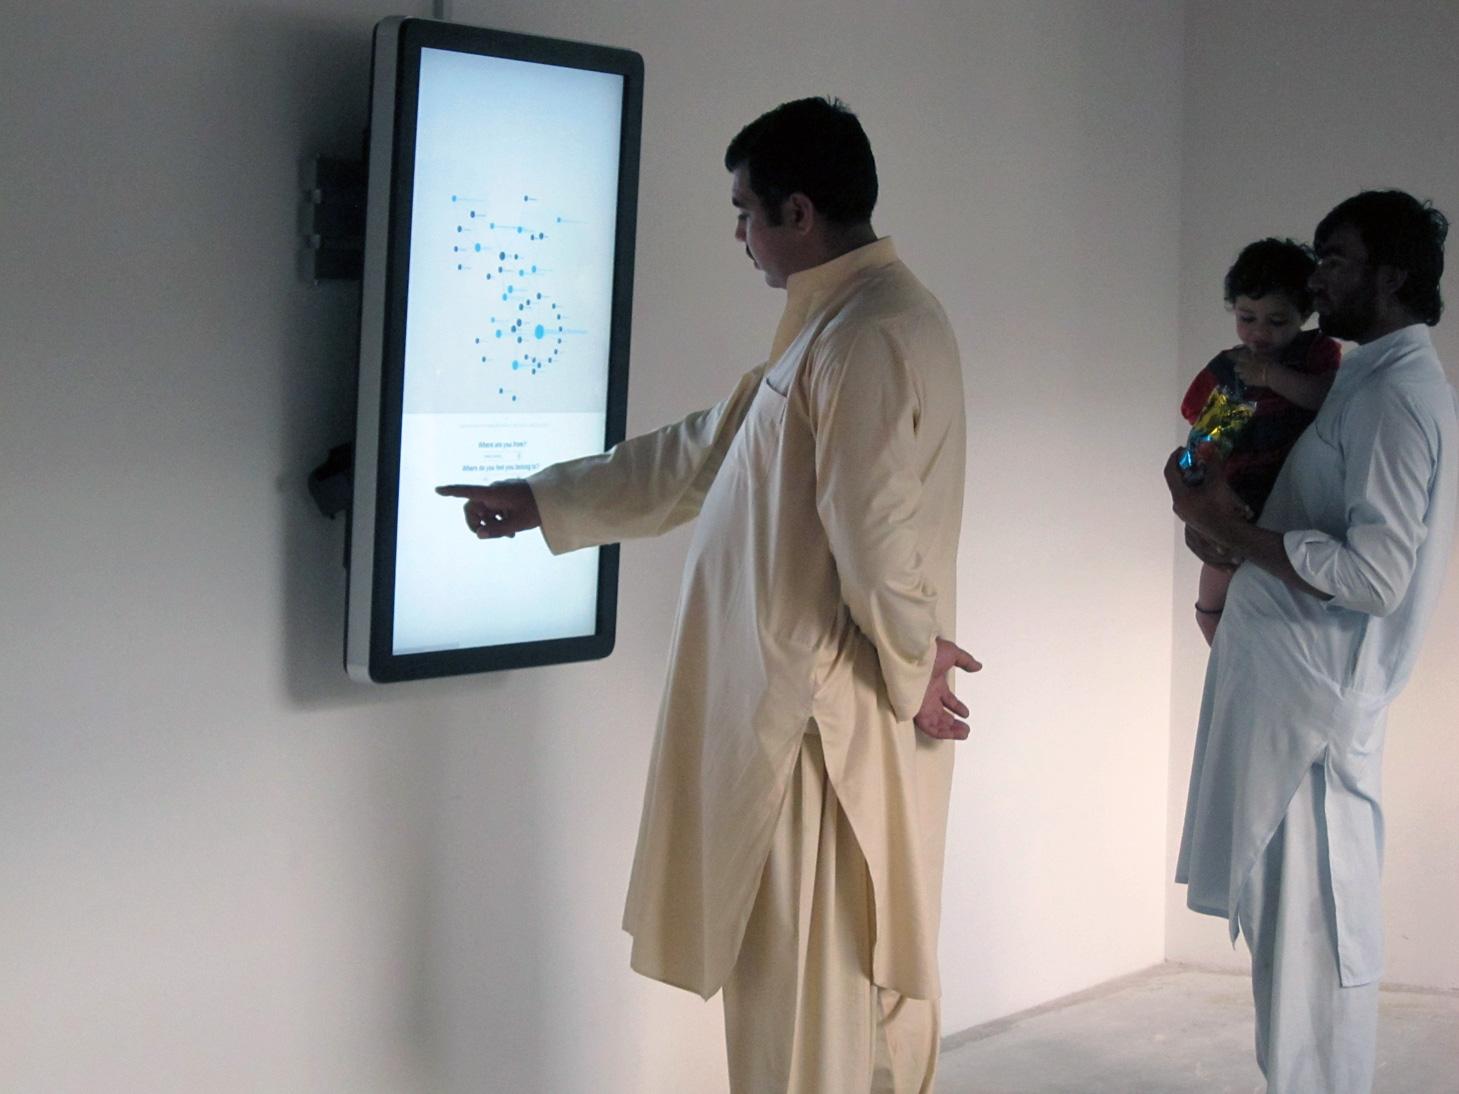 Exhibition view 11th Sharjah Biennial, 2013.